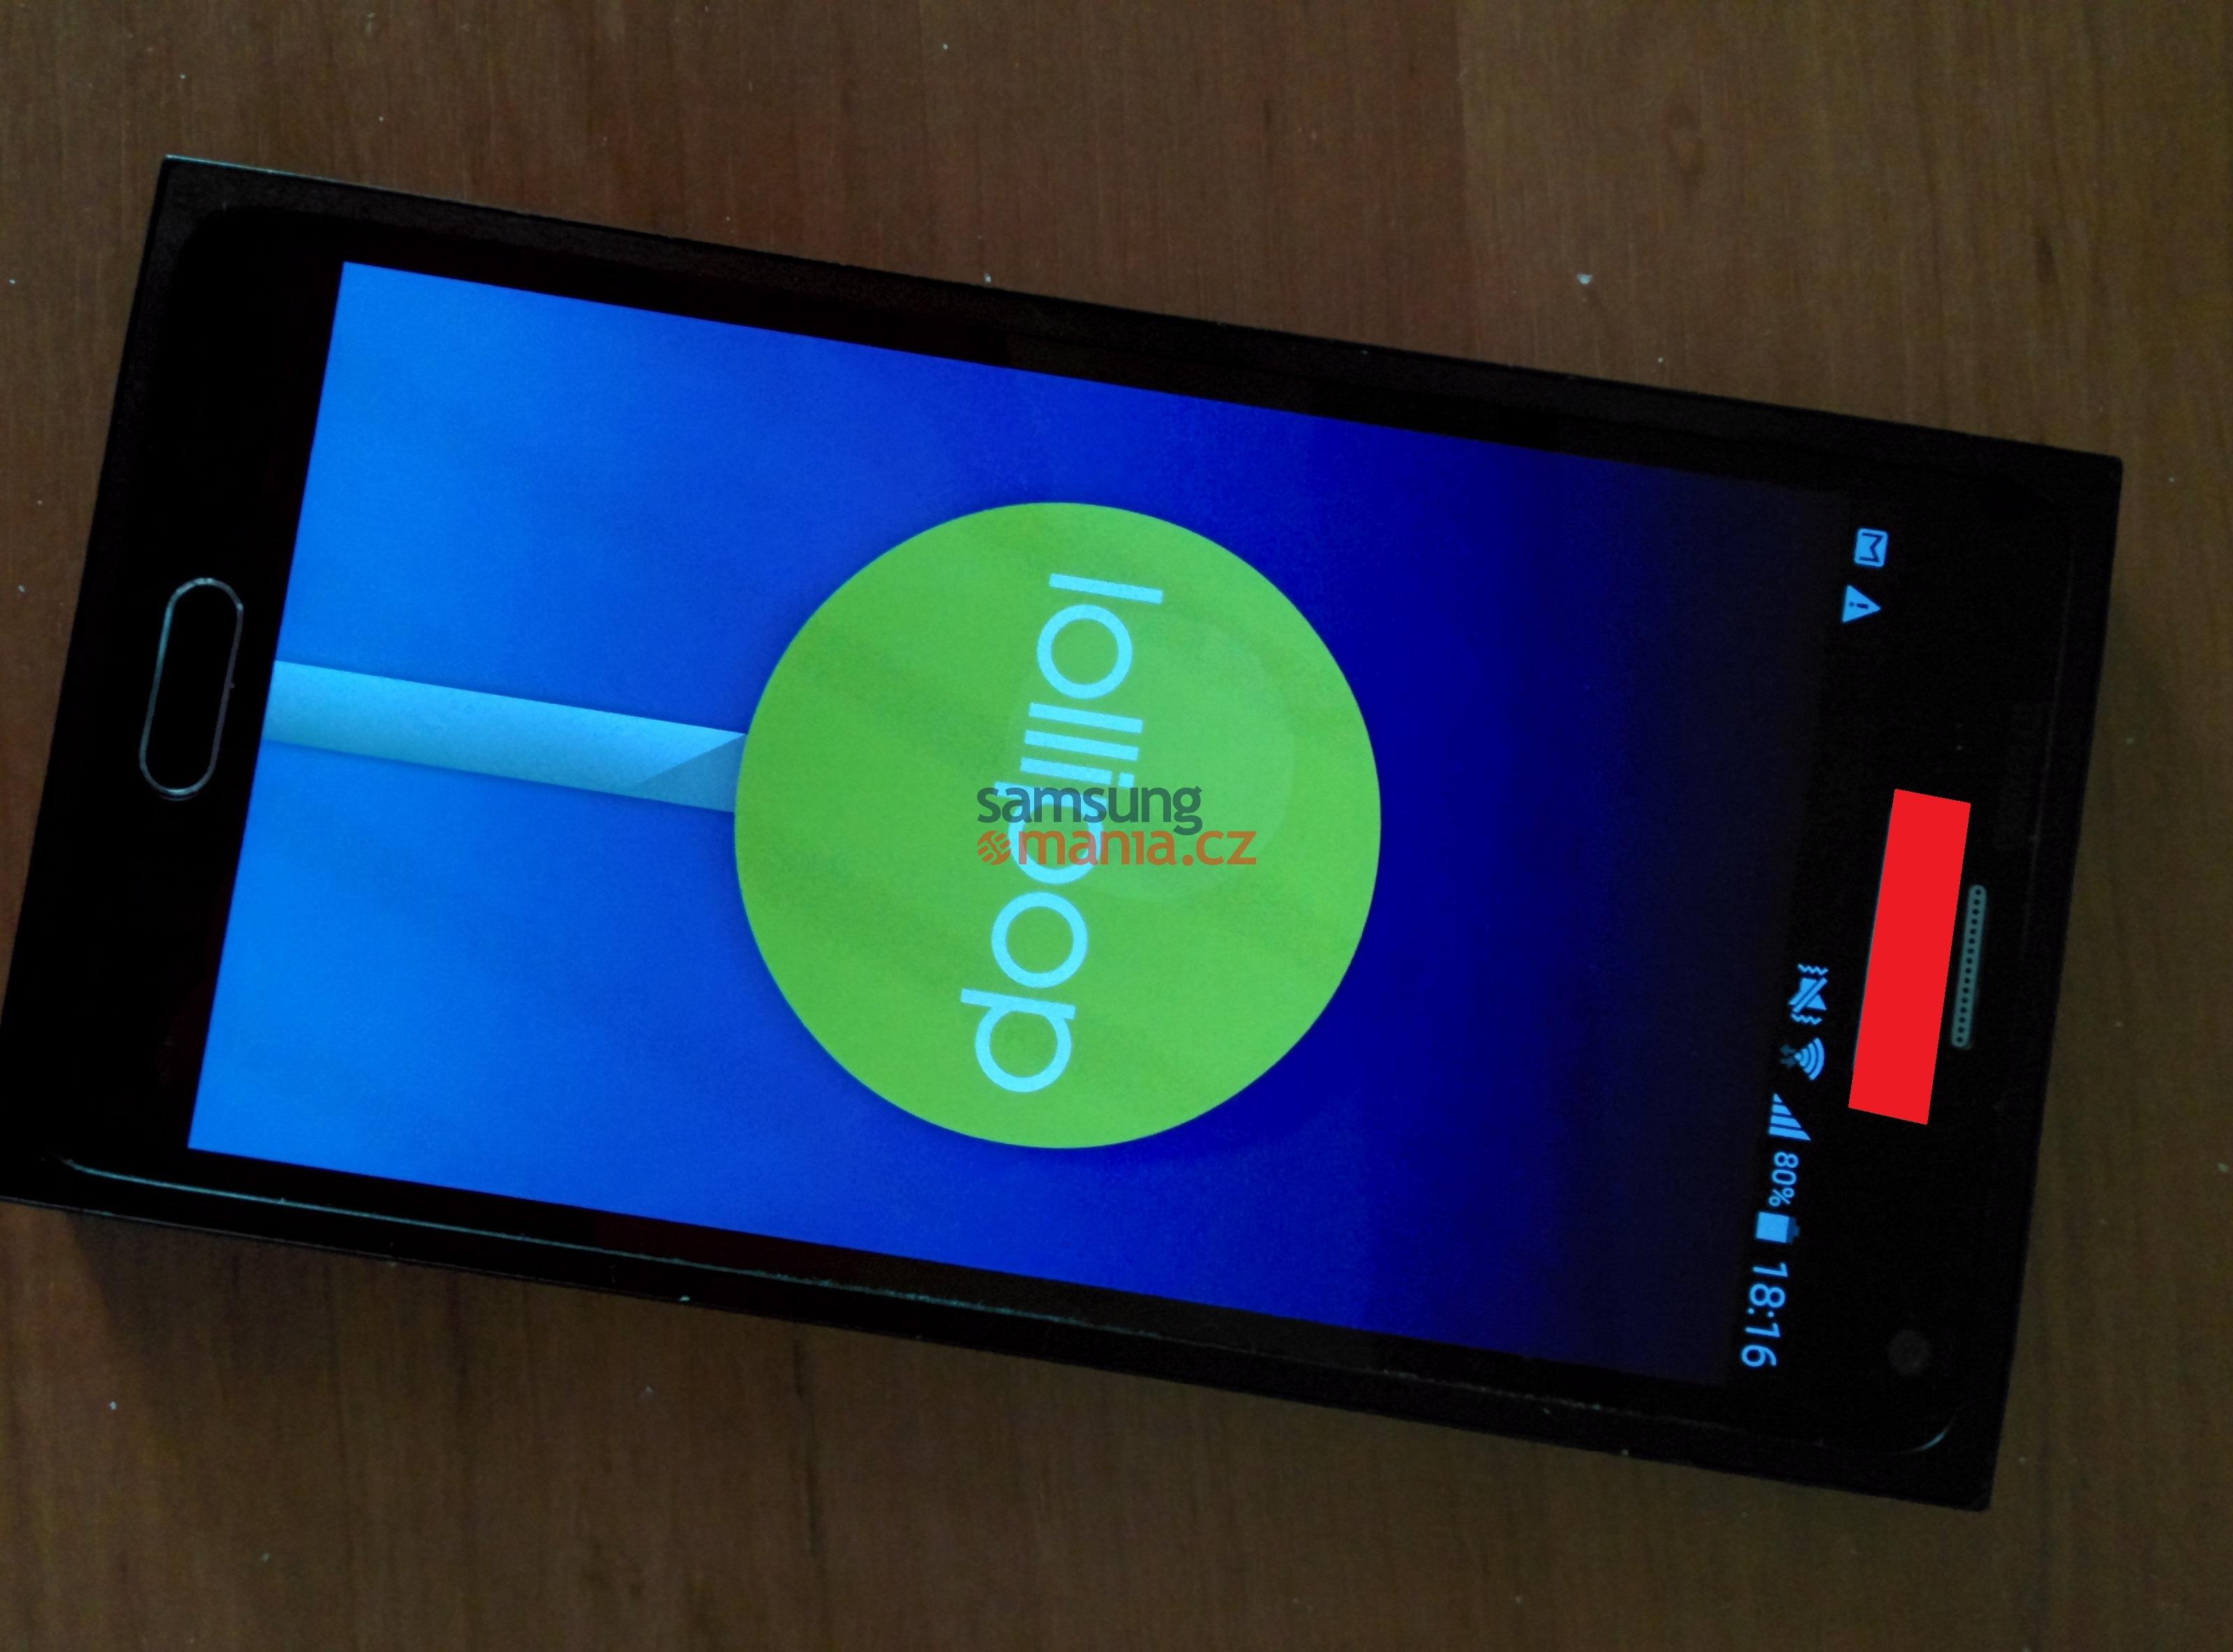 真係提早出?有傳 Samsung 會在 8 月 12 日發佈 Note 5 及 S6 edge Plus